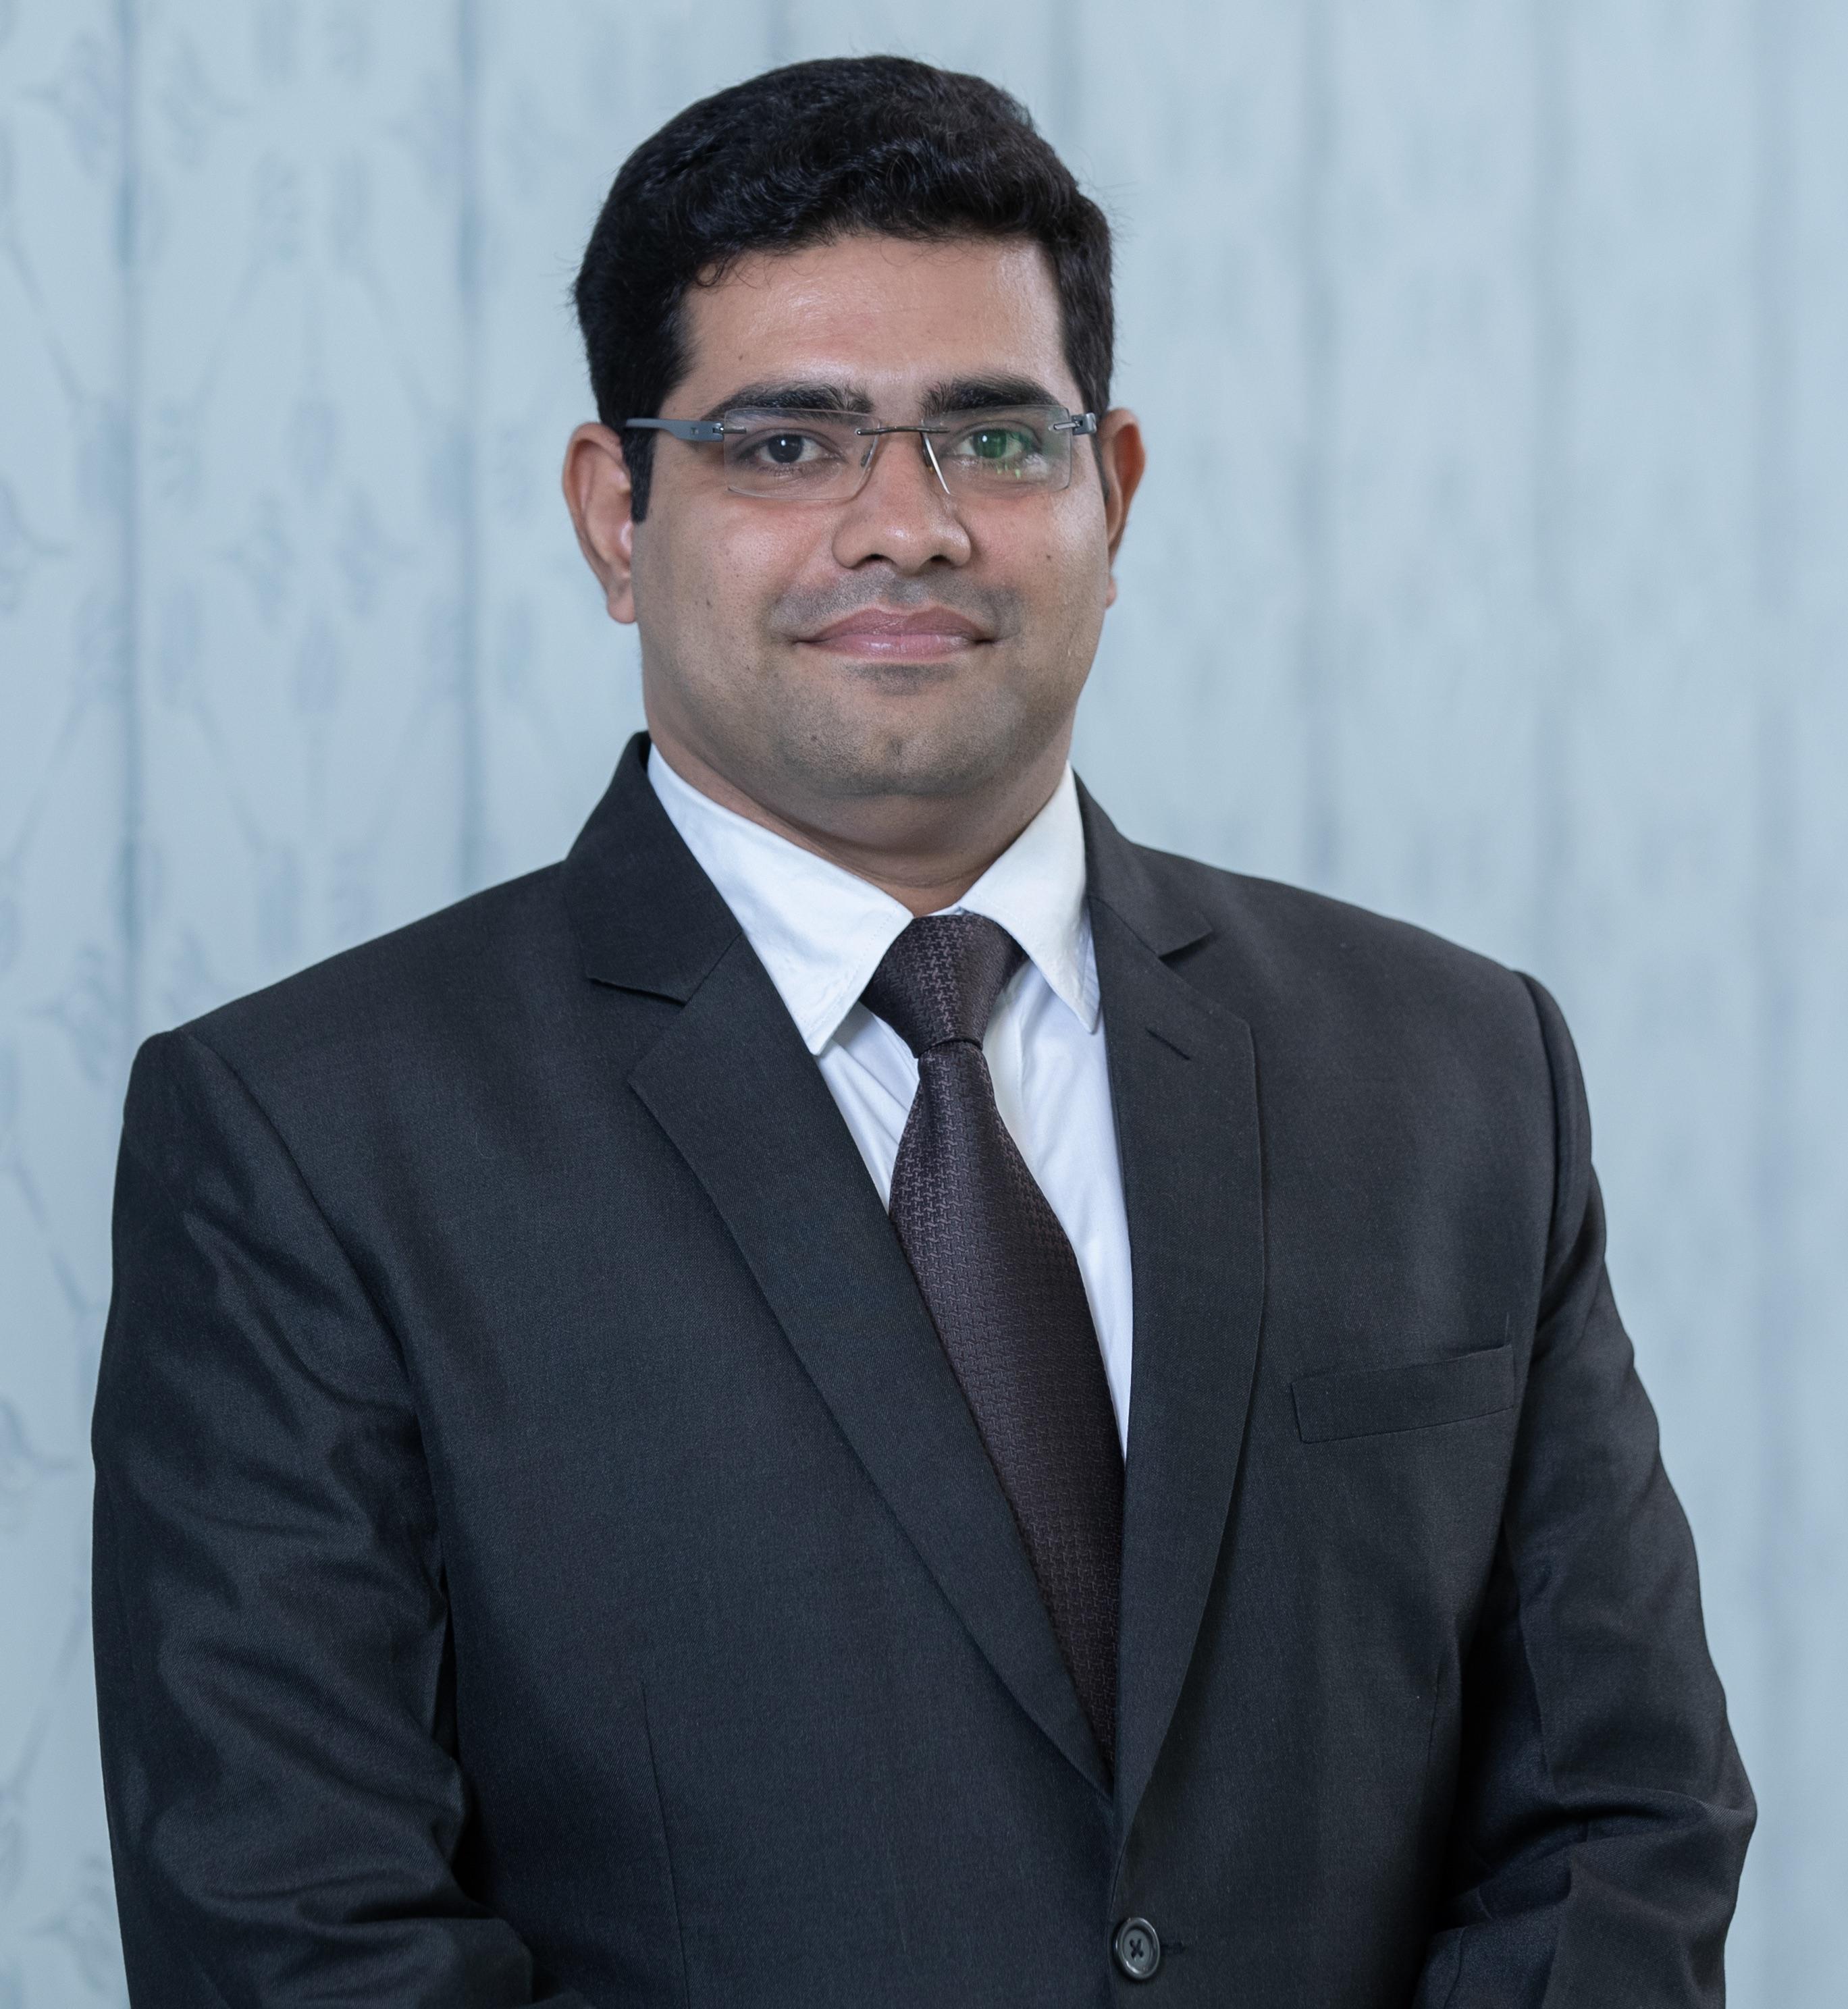 Sanjairaj Vijayavenkataraman